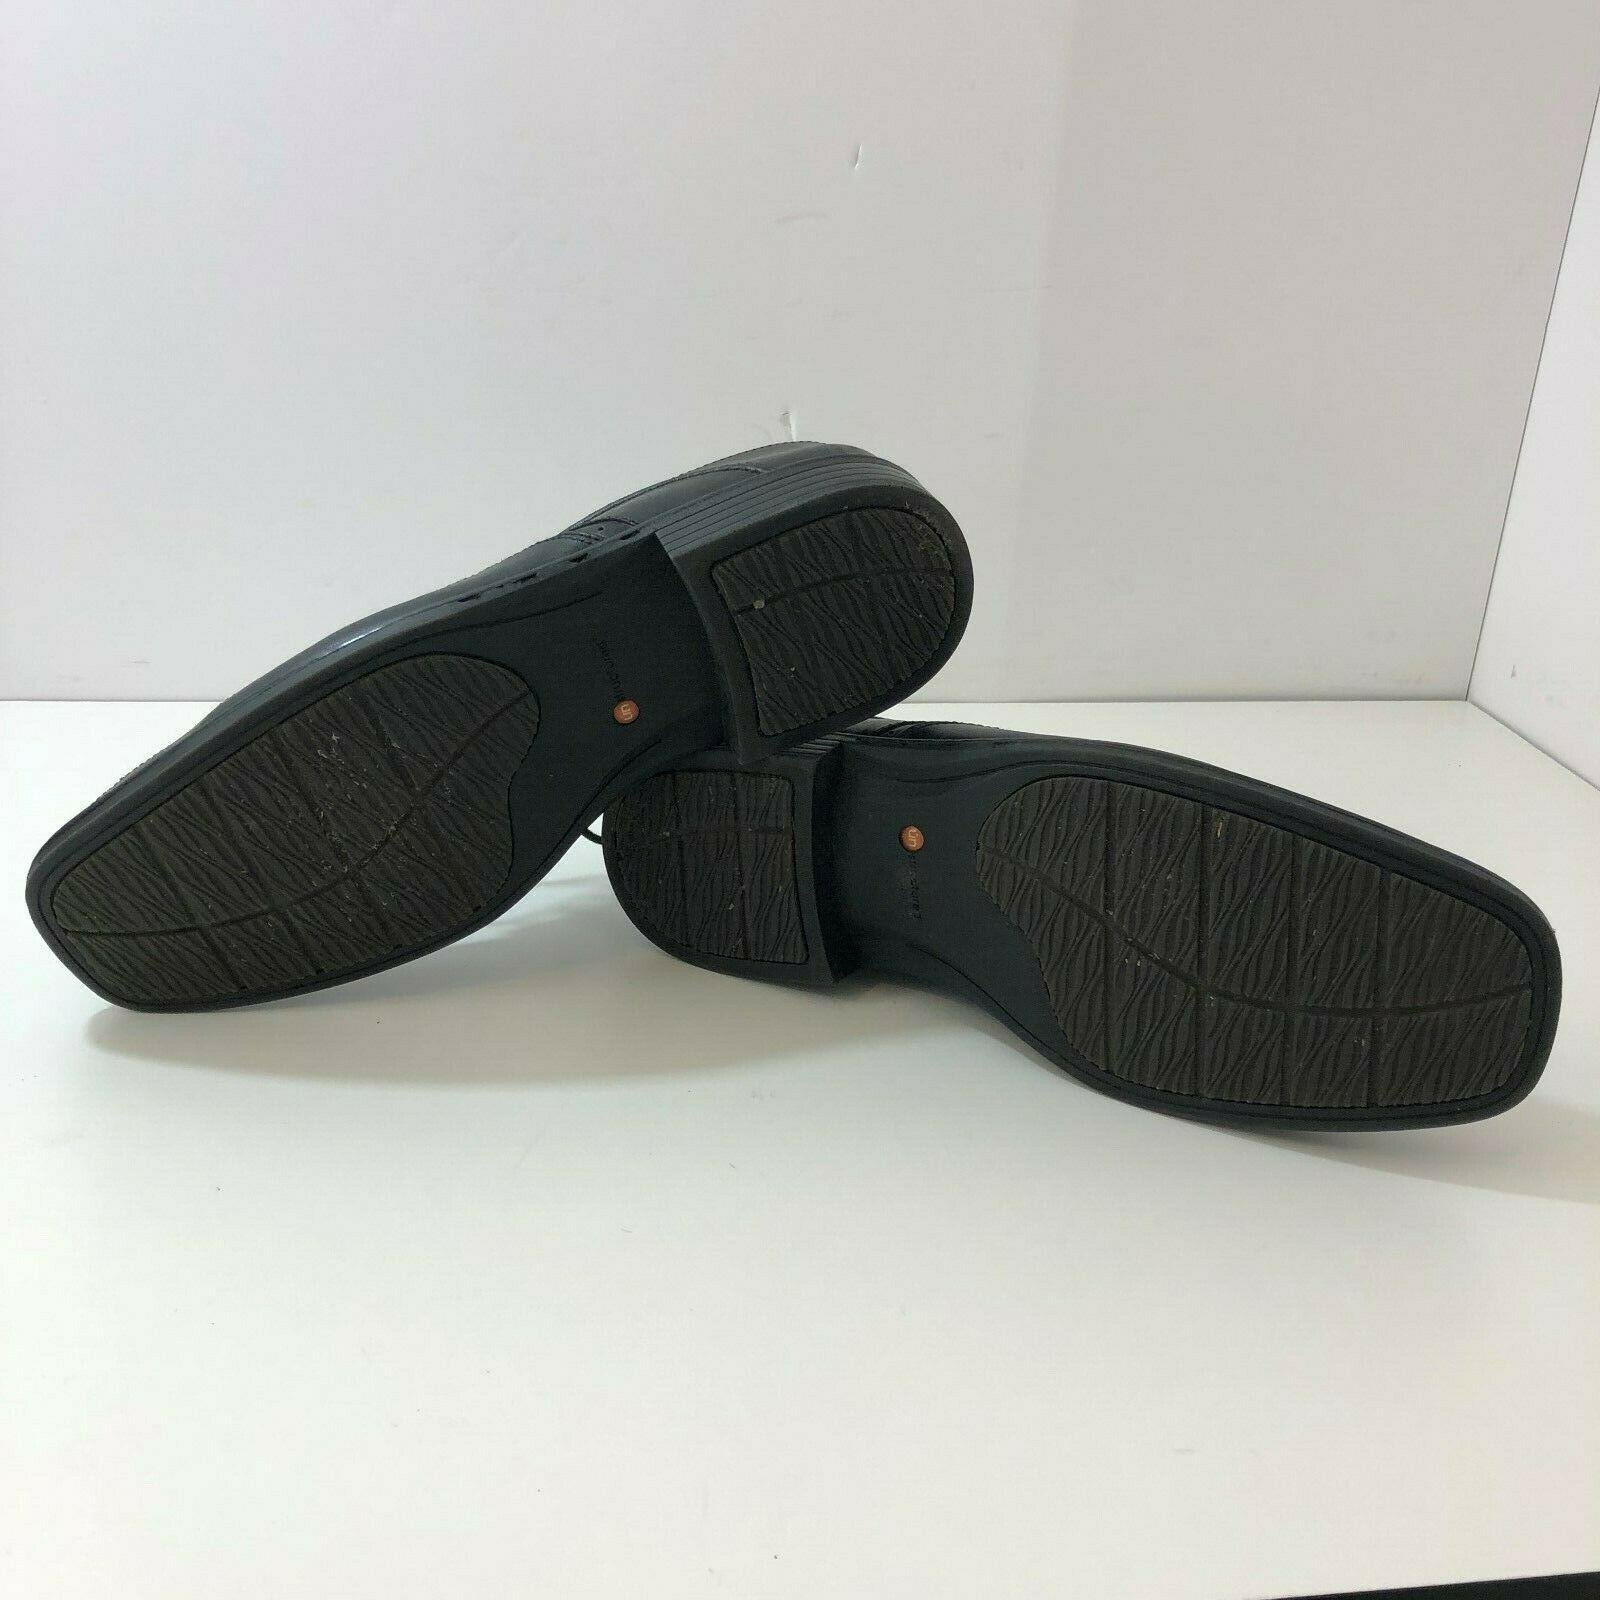 CLARKS Un Structured Mens Black Derby Oxford Dress Shoe Size 13M 82504